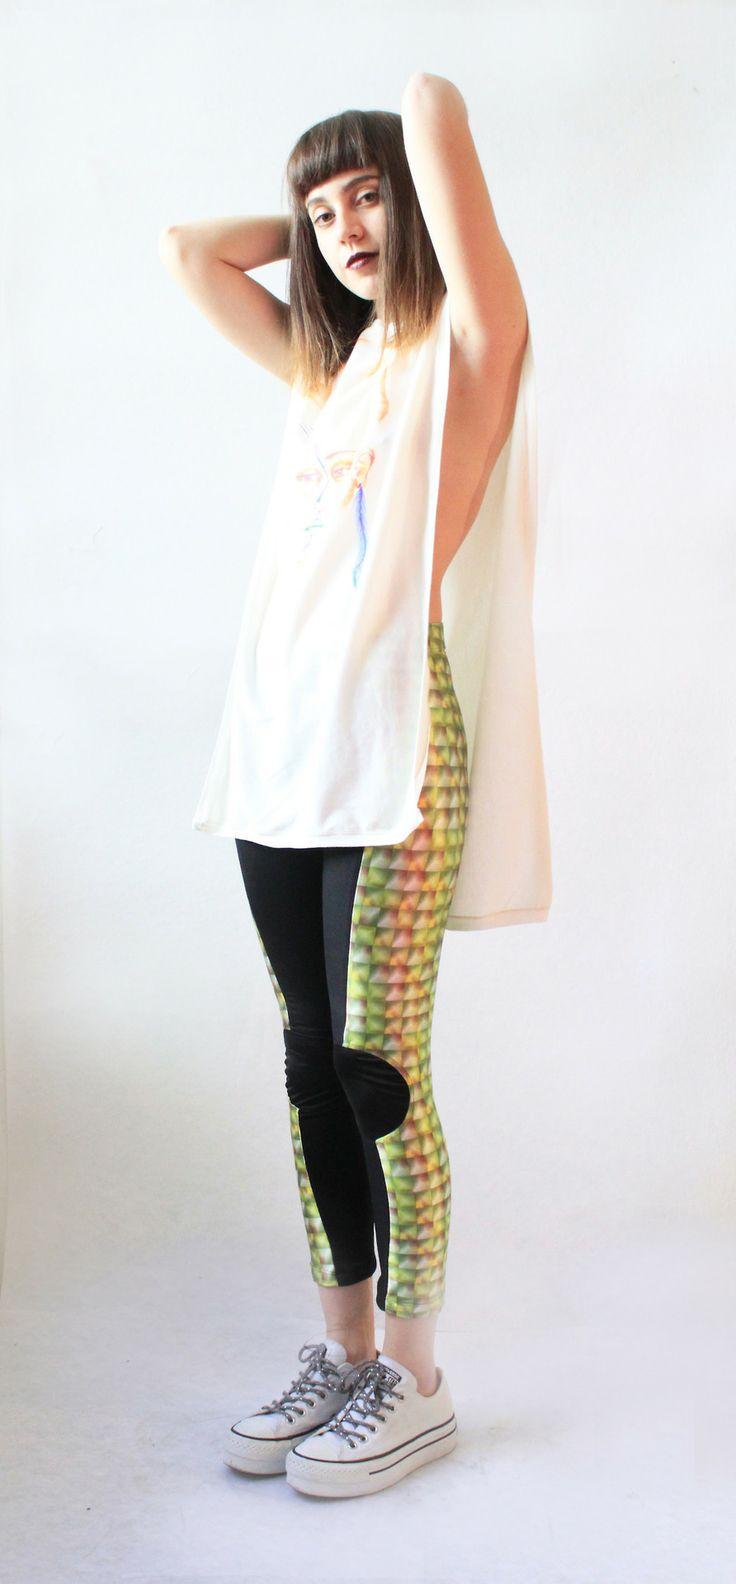 LEGGINGS  por aquí y leggings por allá!!! los leggings más increibles y geniales ever!! Vestir cómoda no es un pretexto para no lucir cool!  Te gusta? pide el tuyo aquí! lo tenemos en una increible gama de textiles!www.kichink.com/stores/lacayo-pez  #green #ice #colors #leggings #black #amanzing #musthave #cool #unique #mexico #trend #fly #inspired #love